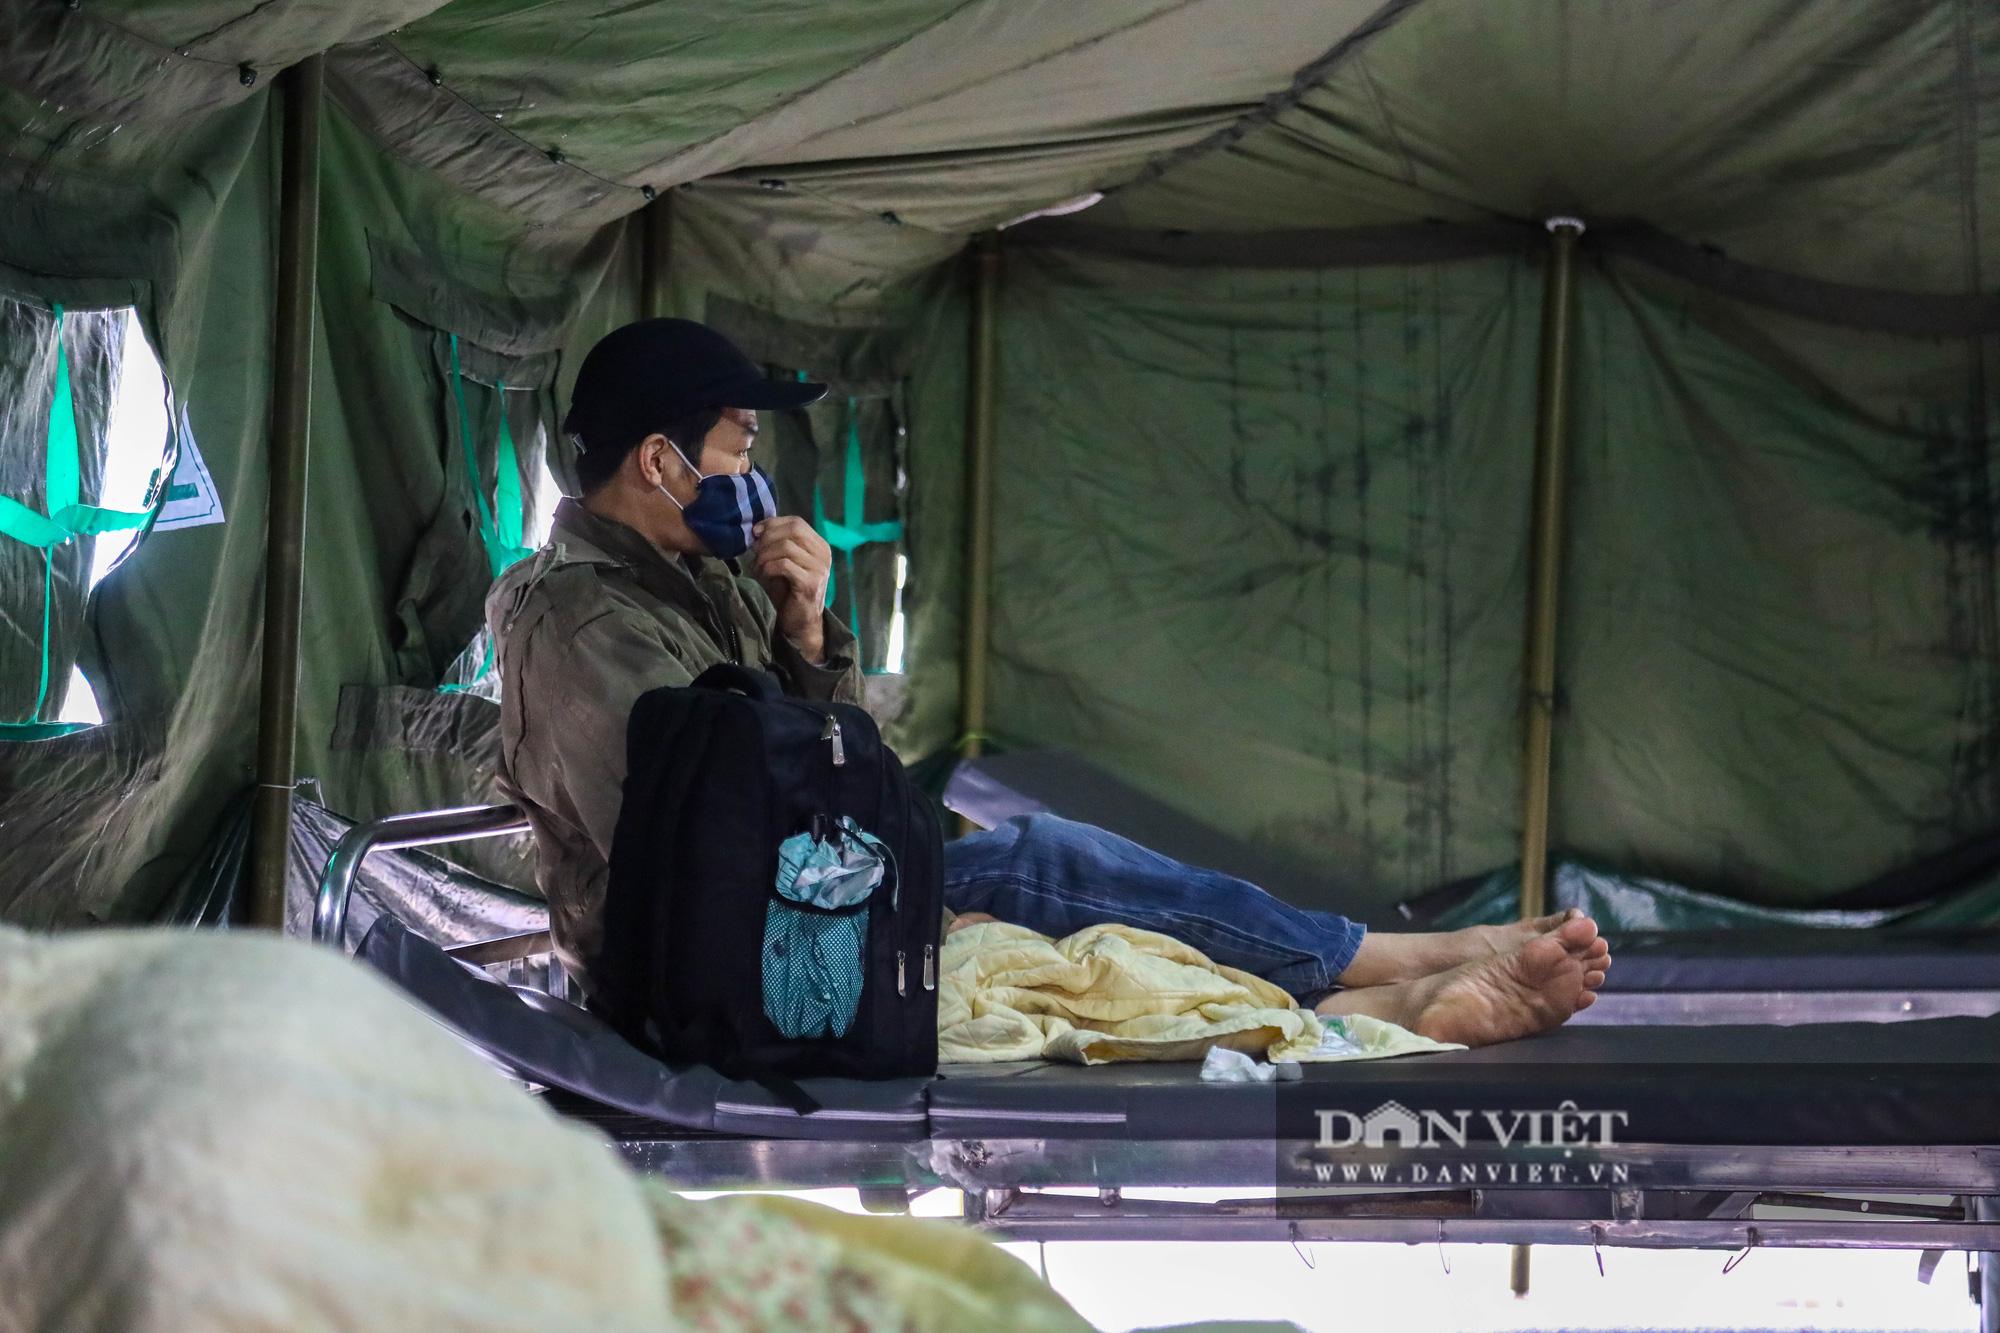 Cận cảnh bệnh viện dã chiến xây trong 4 tiếng ở Hà Nội  - Ảnh 9.